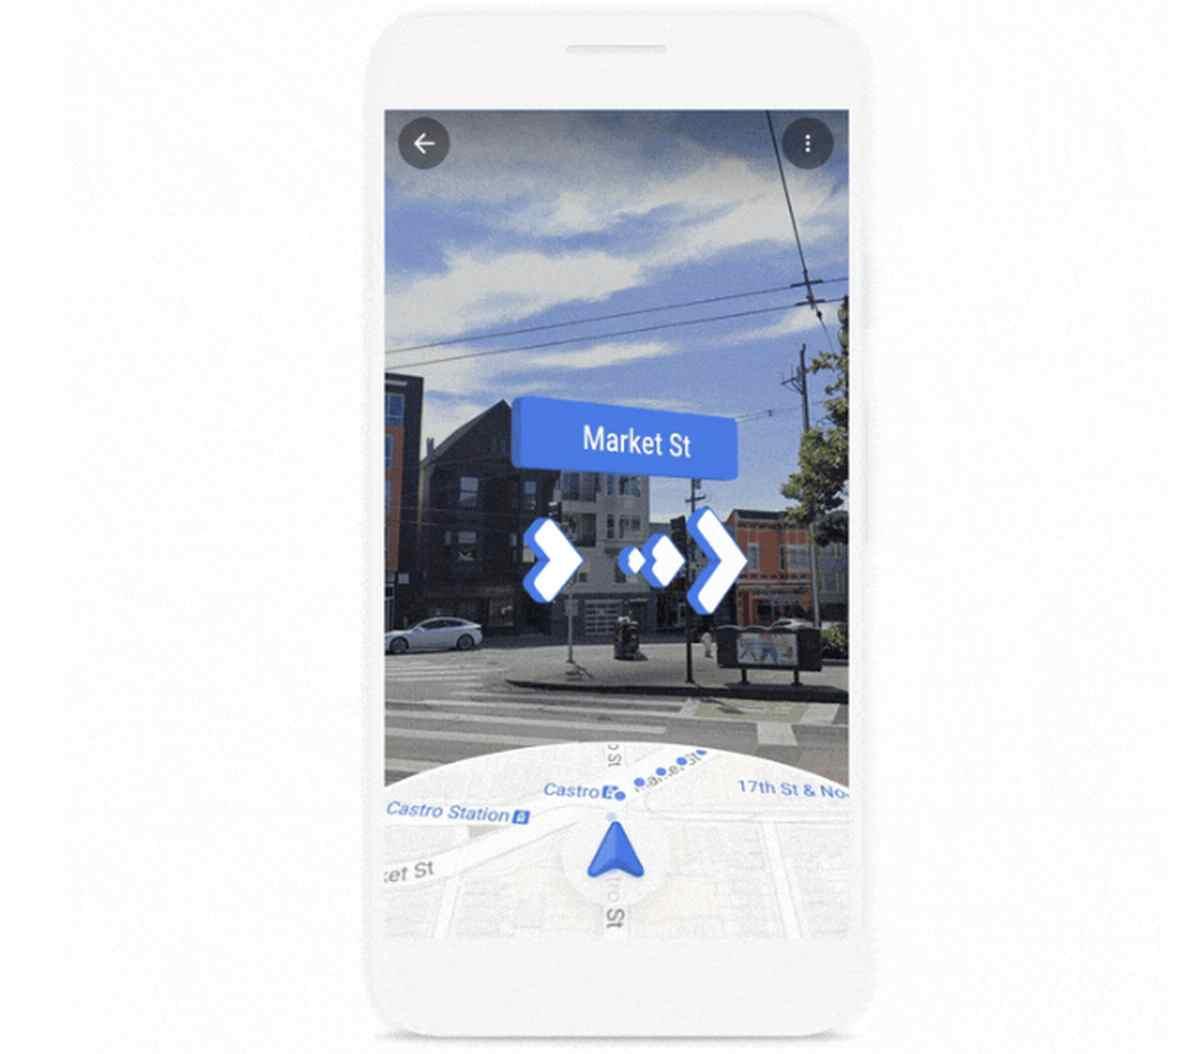 Live View tomará más protagonismo en Google Maps con sus nuevas posibilidades